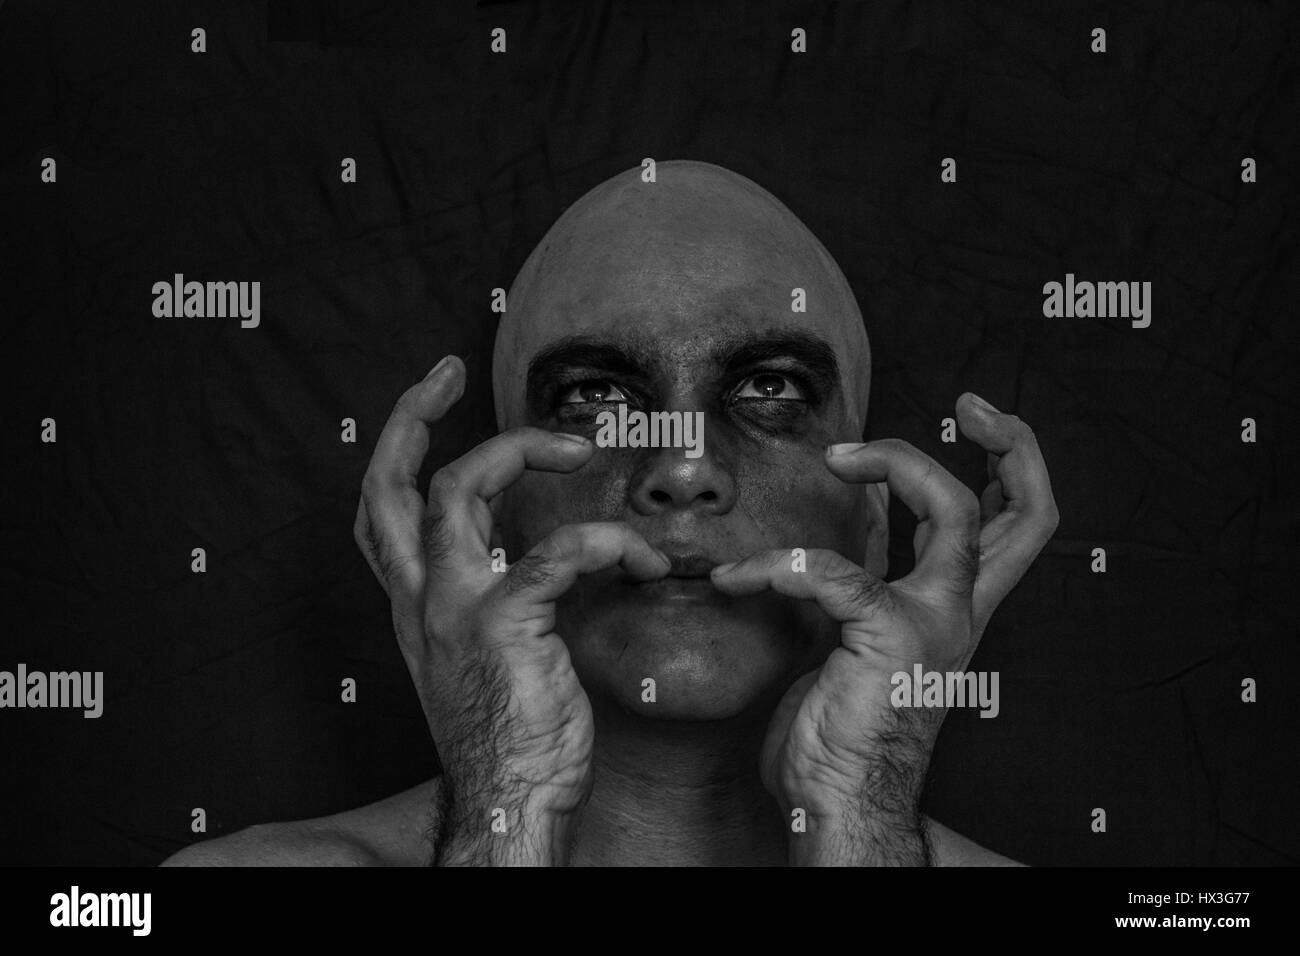 Le noir et blanc d'un homme avec du maquillage sur ses yeux Photo Stock